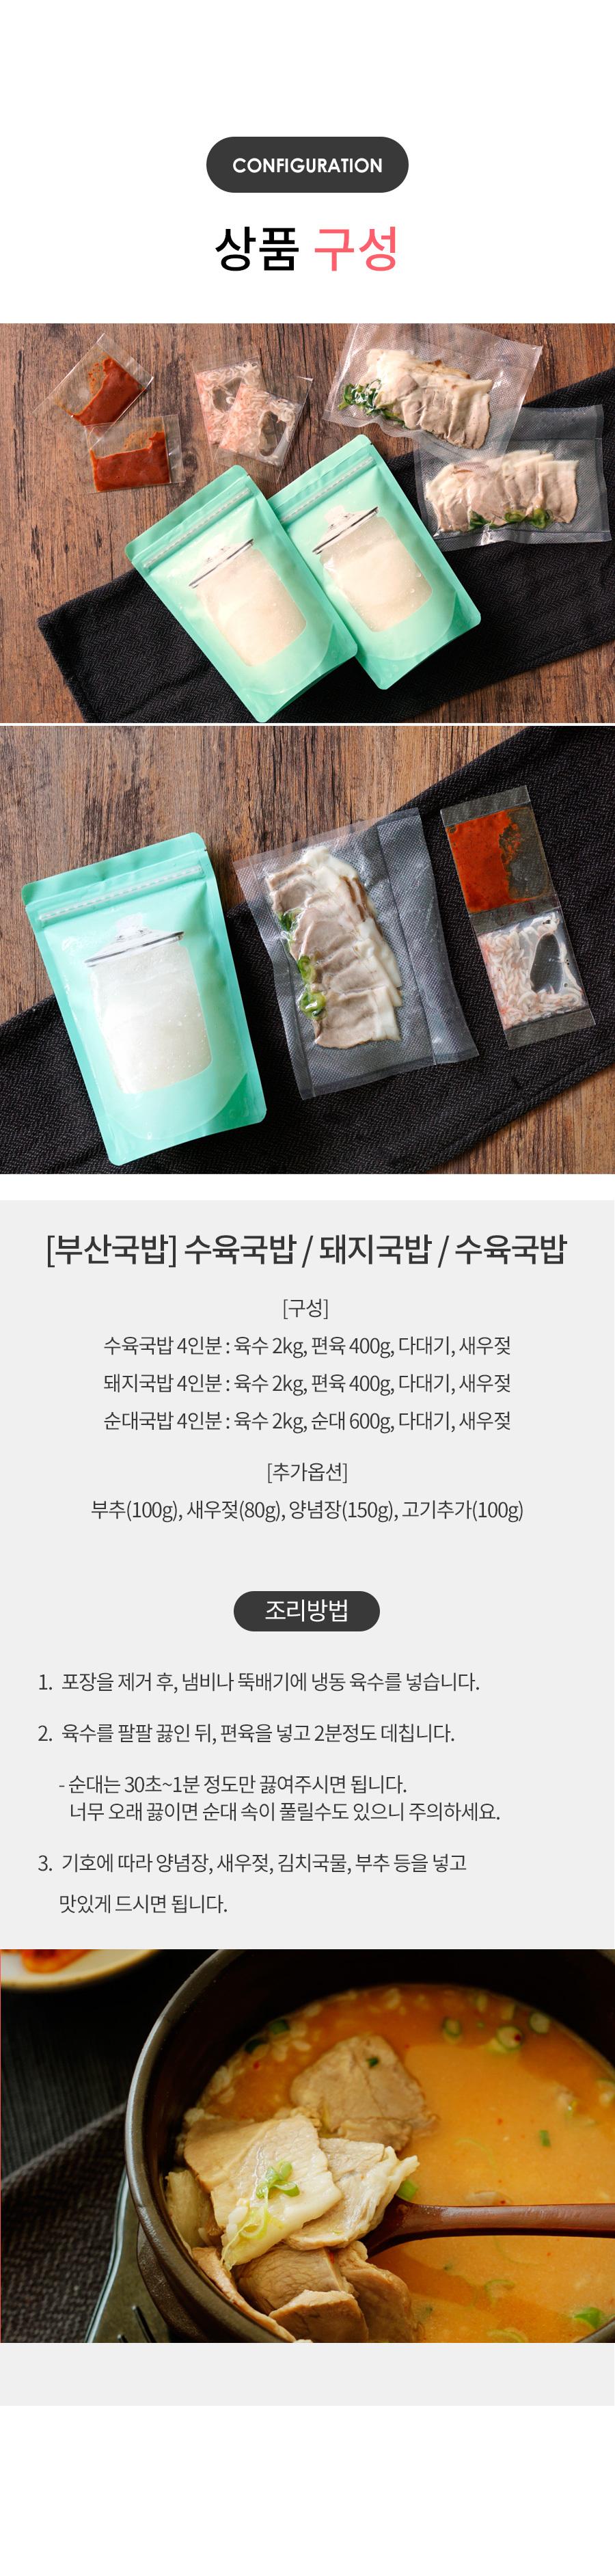 통영부산돼지국밥